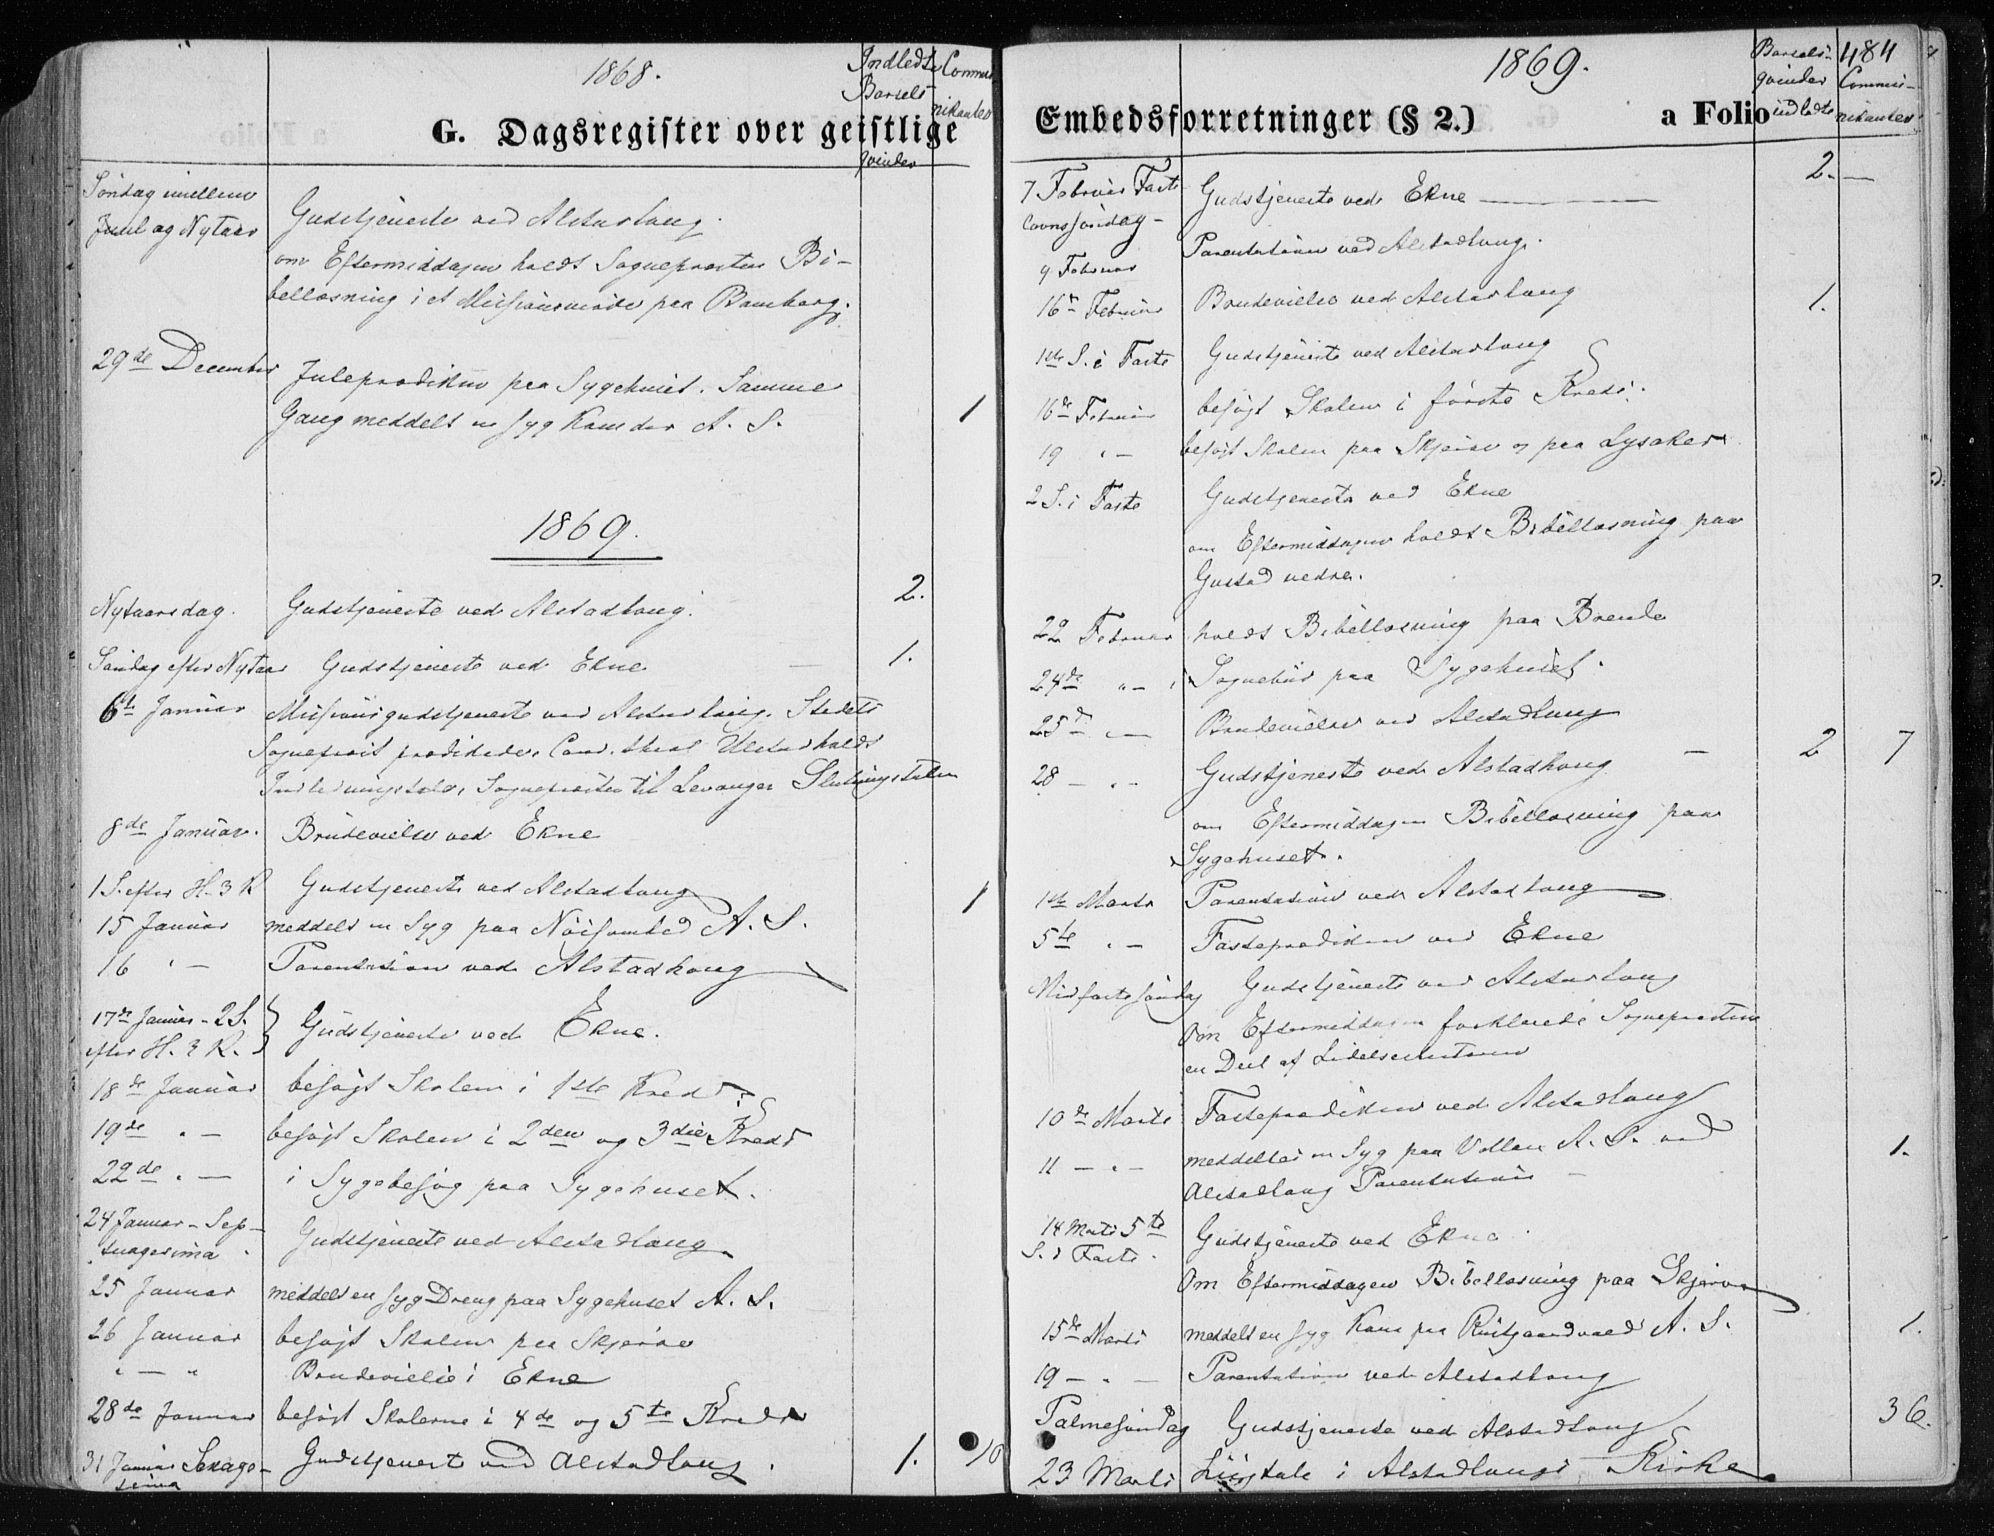 SAT, Ministerialprotokoller, klokkerbøker og fødselsregistre - Nord-Trøndelag, 717/L0157: Ministerialbok nr. 717A08 /1, 1863-1877, s. 484